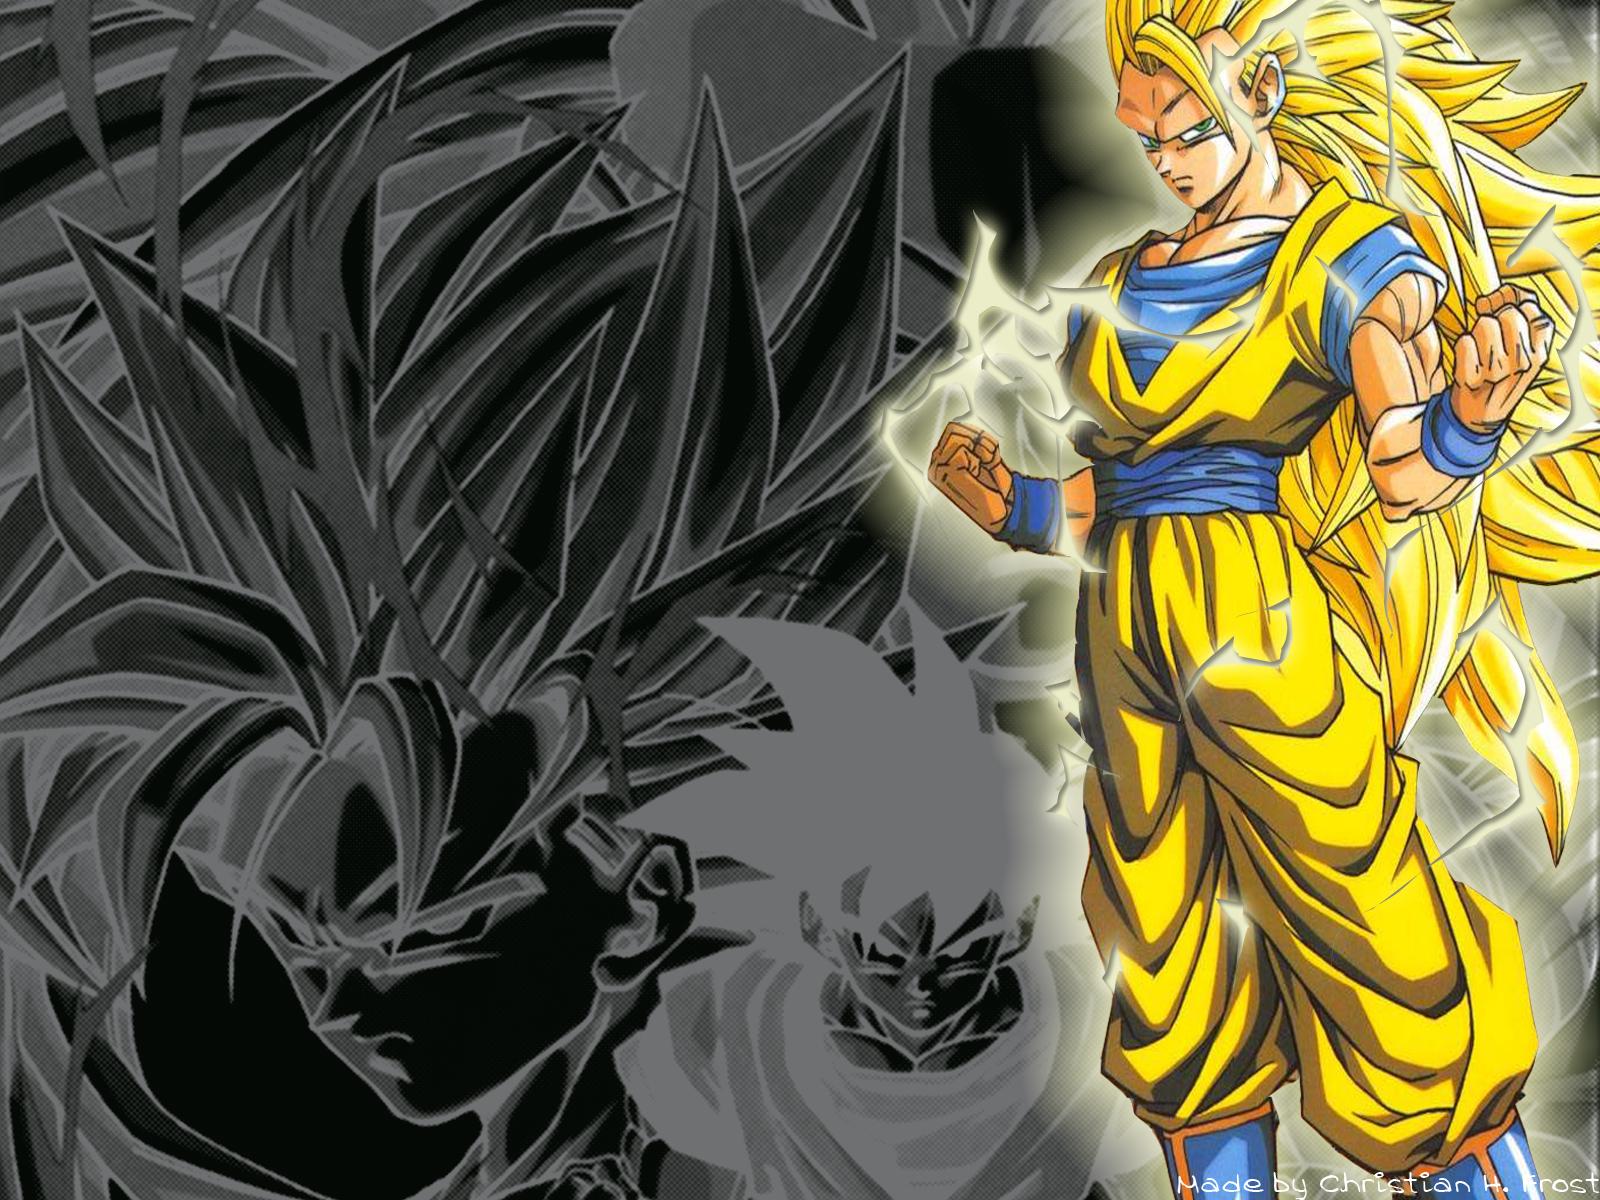 4K Dragon Ball Z Wallpaper - WallpaperSafari